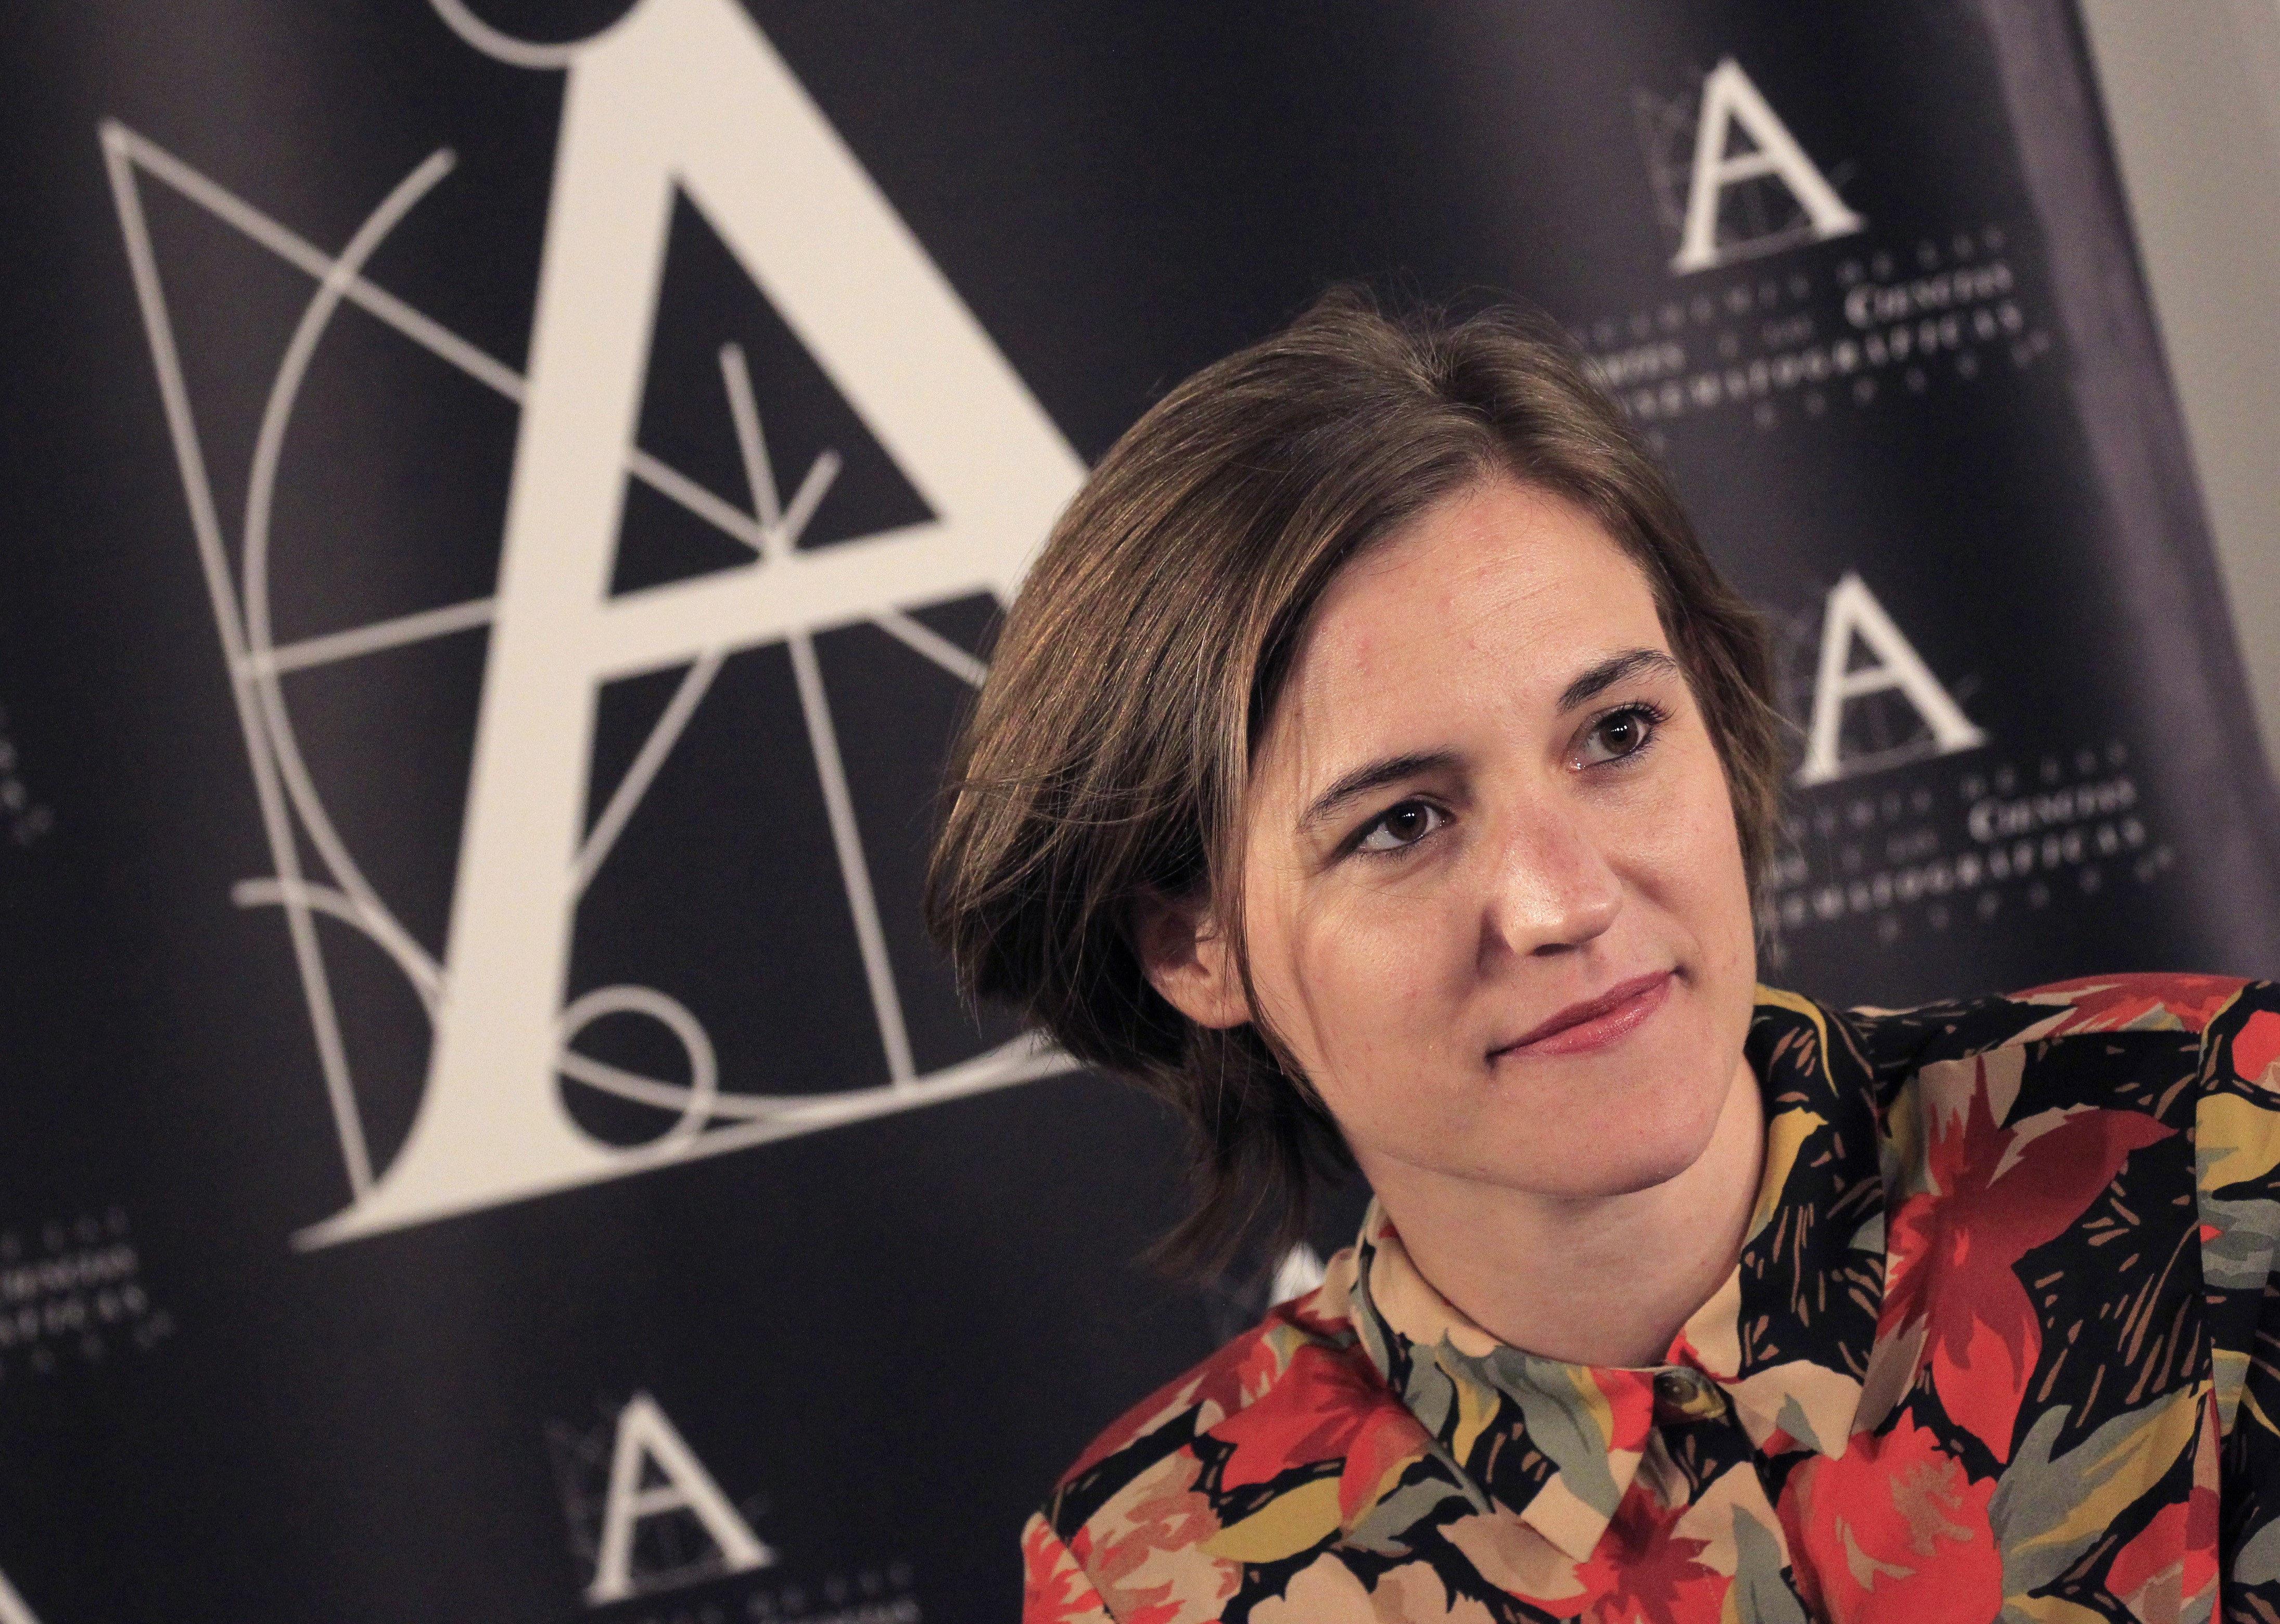 """Carla Simon, directora de la pel·lícula """"Estiu 1993"""", triada per l'Acadèmia de Cinema per representar Espanya en la 90 edició dels Oscars de Hollywood. /VÍCTOR LERENA"""